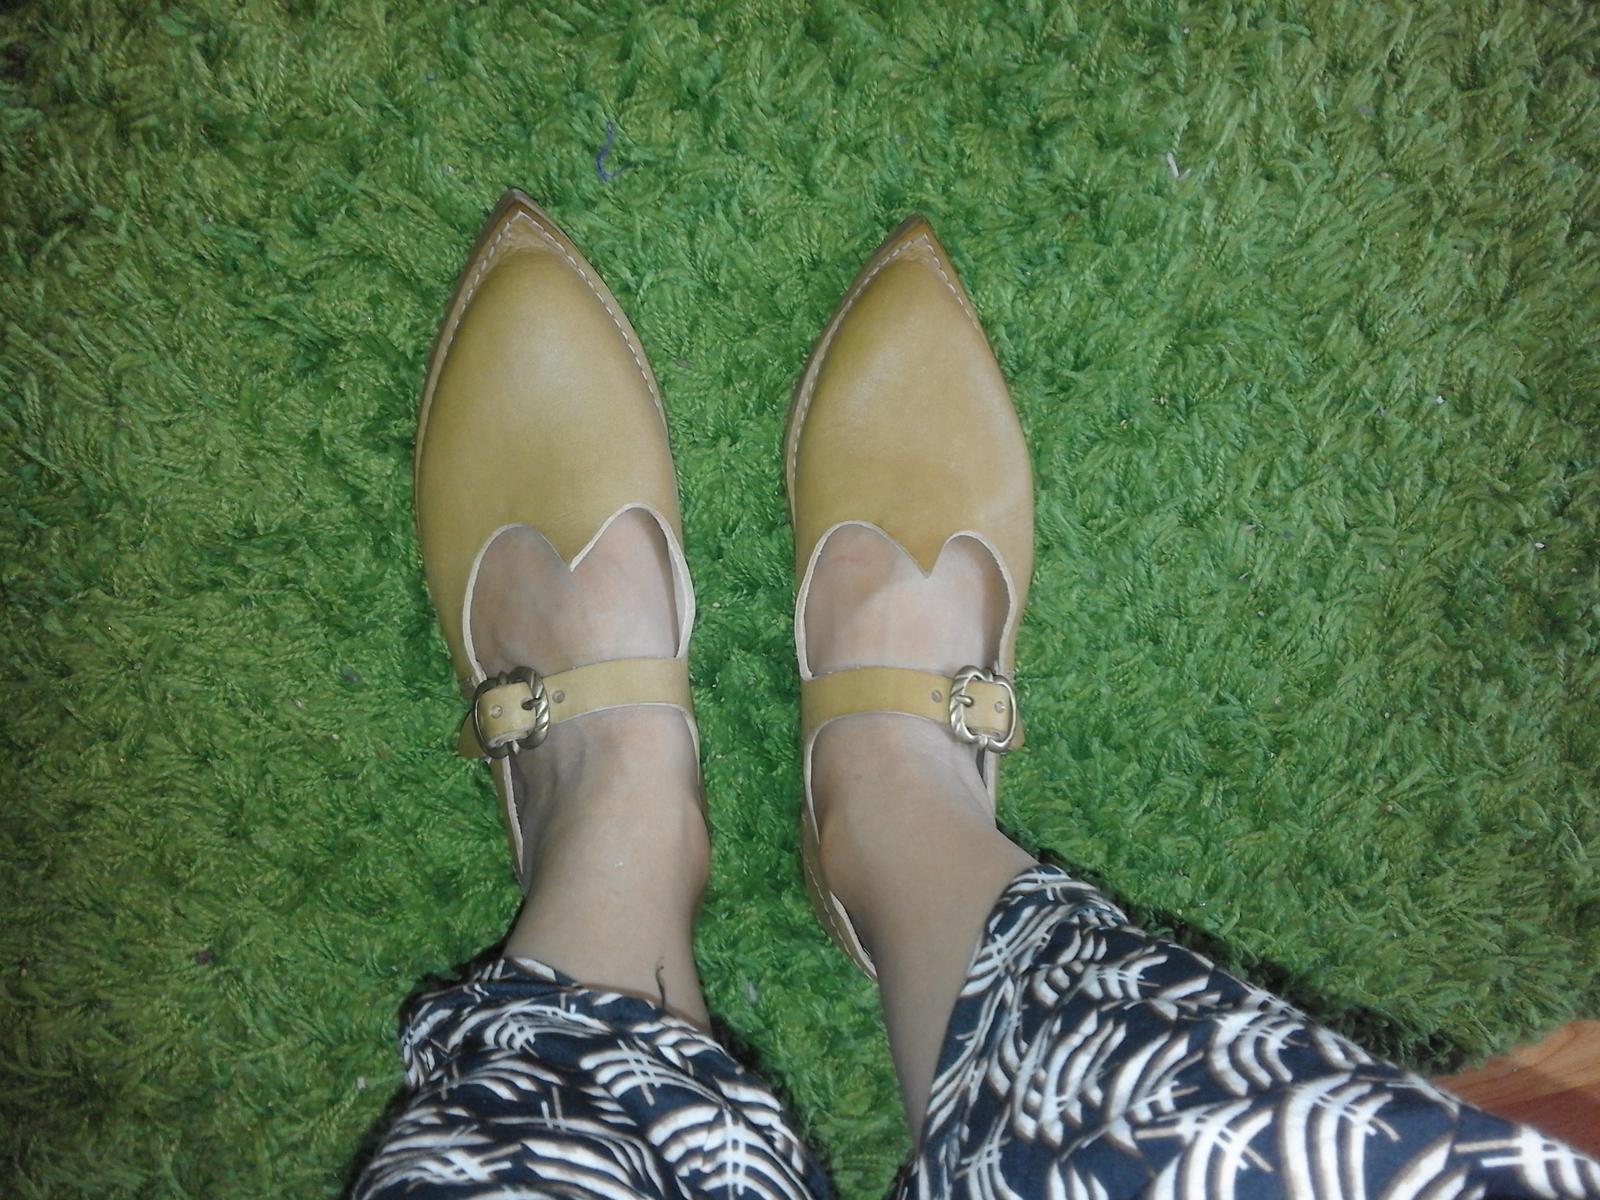 Co už máme a co je zařízené :) - jupi, mam boty!